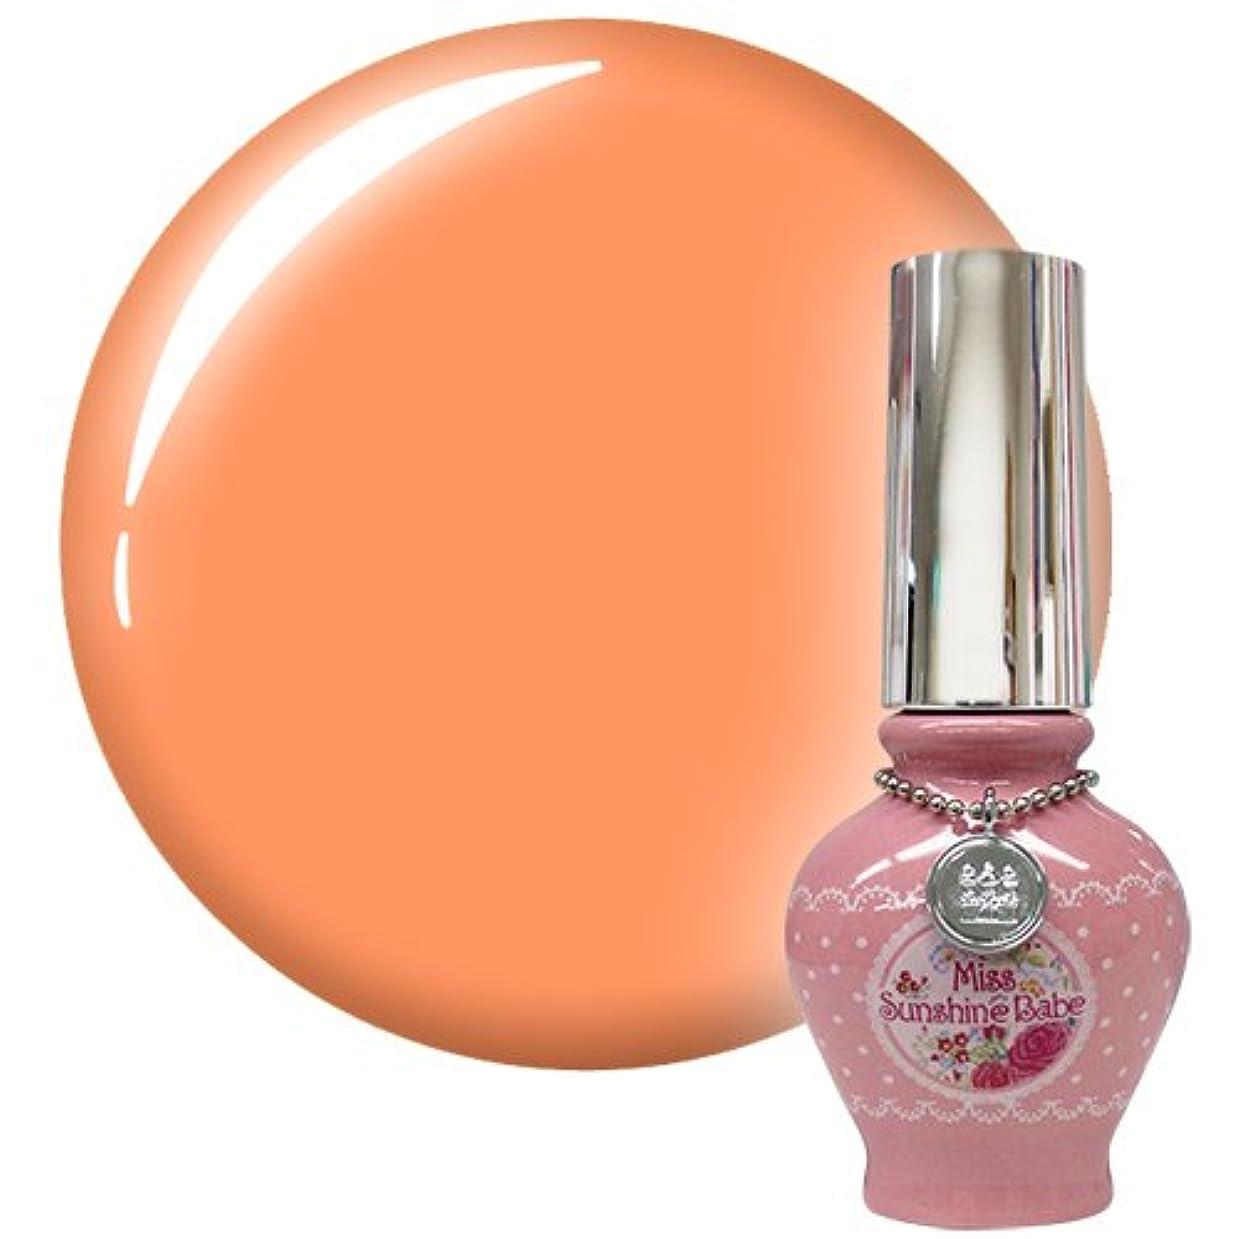 砂漠アグネスグレイ充電Miss SunshineBabe ミス サンシャインベビー カラージェル MC-88 10g ネオンライトオレンジ